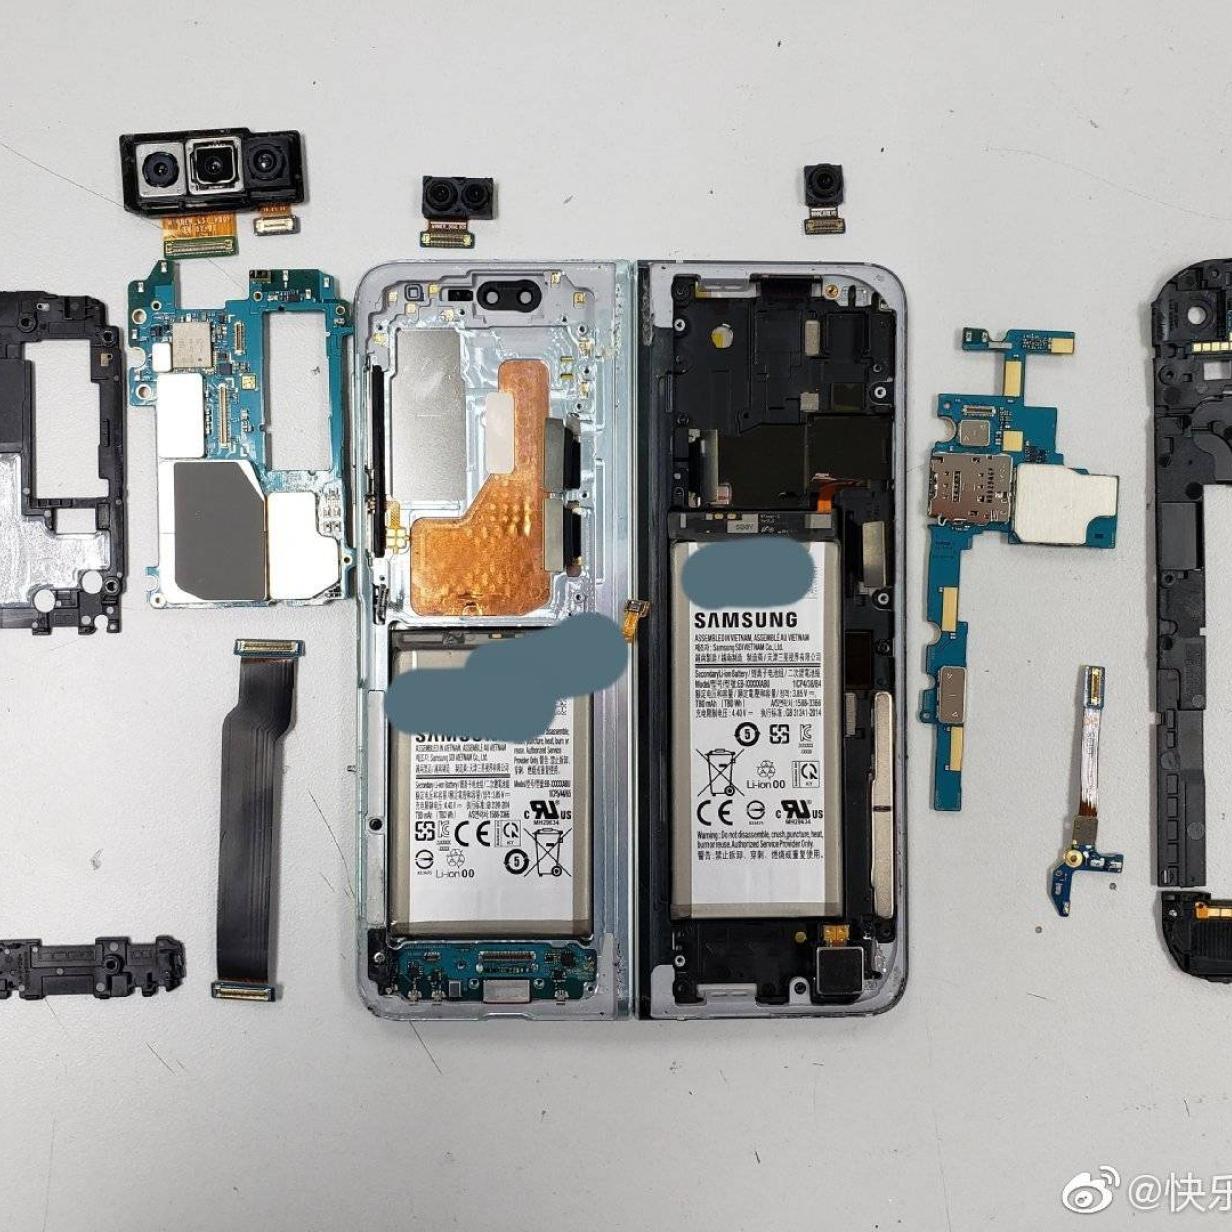 Samsung Galaxy Fold: Faltbares Smartphone nur schwer reparierbar